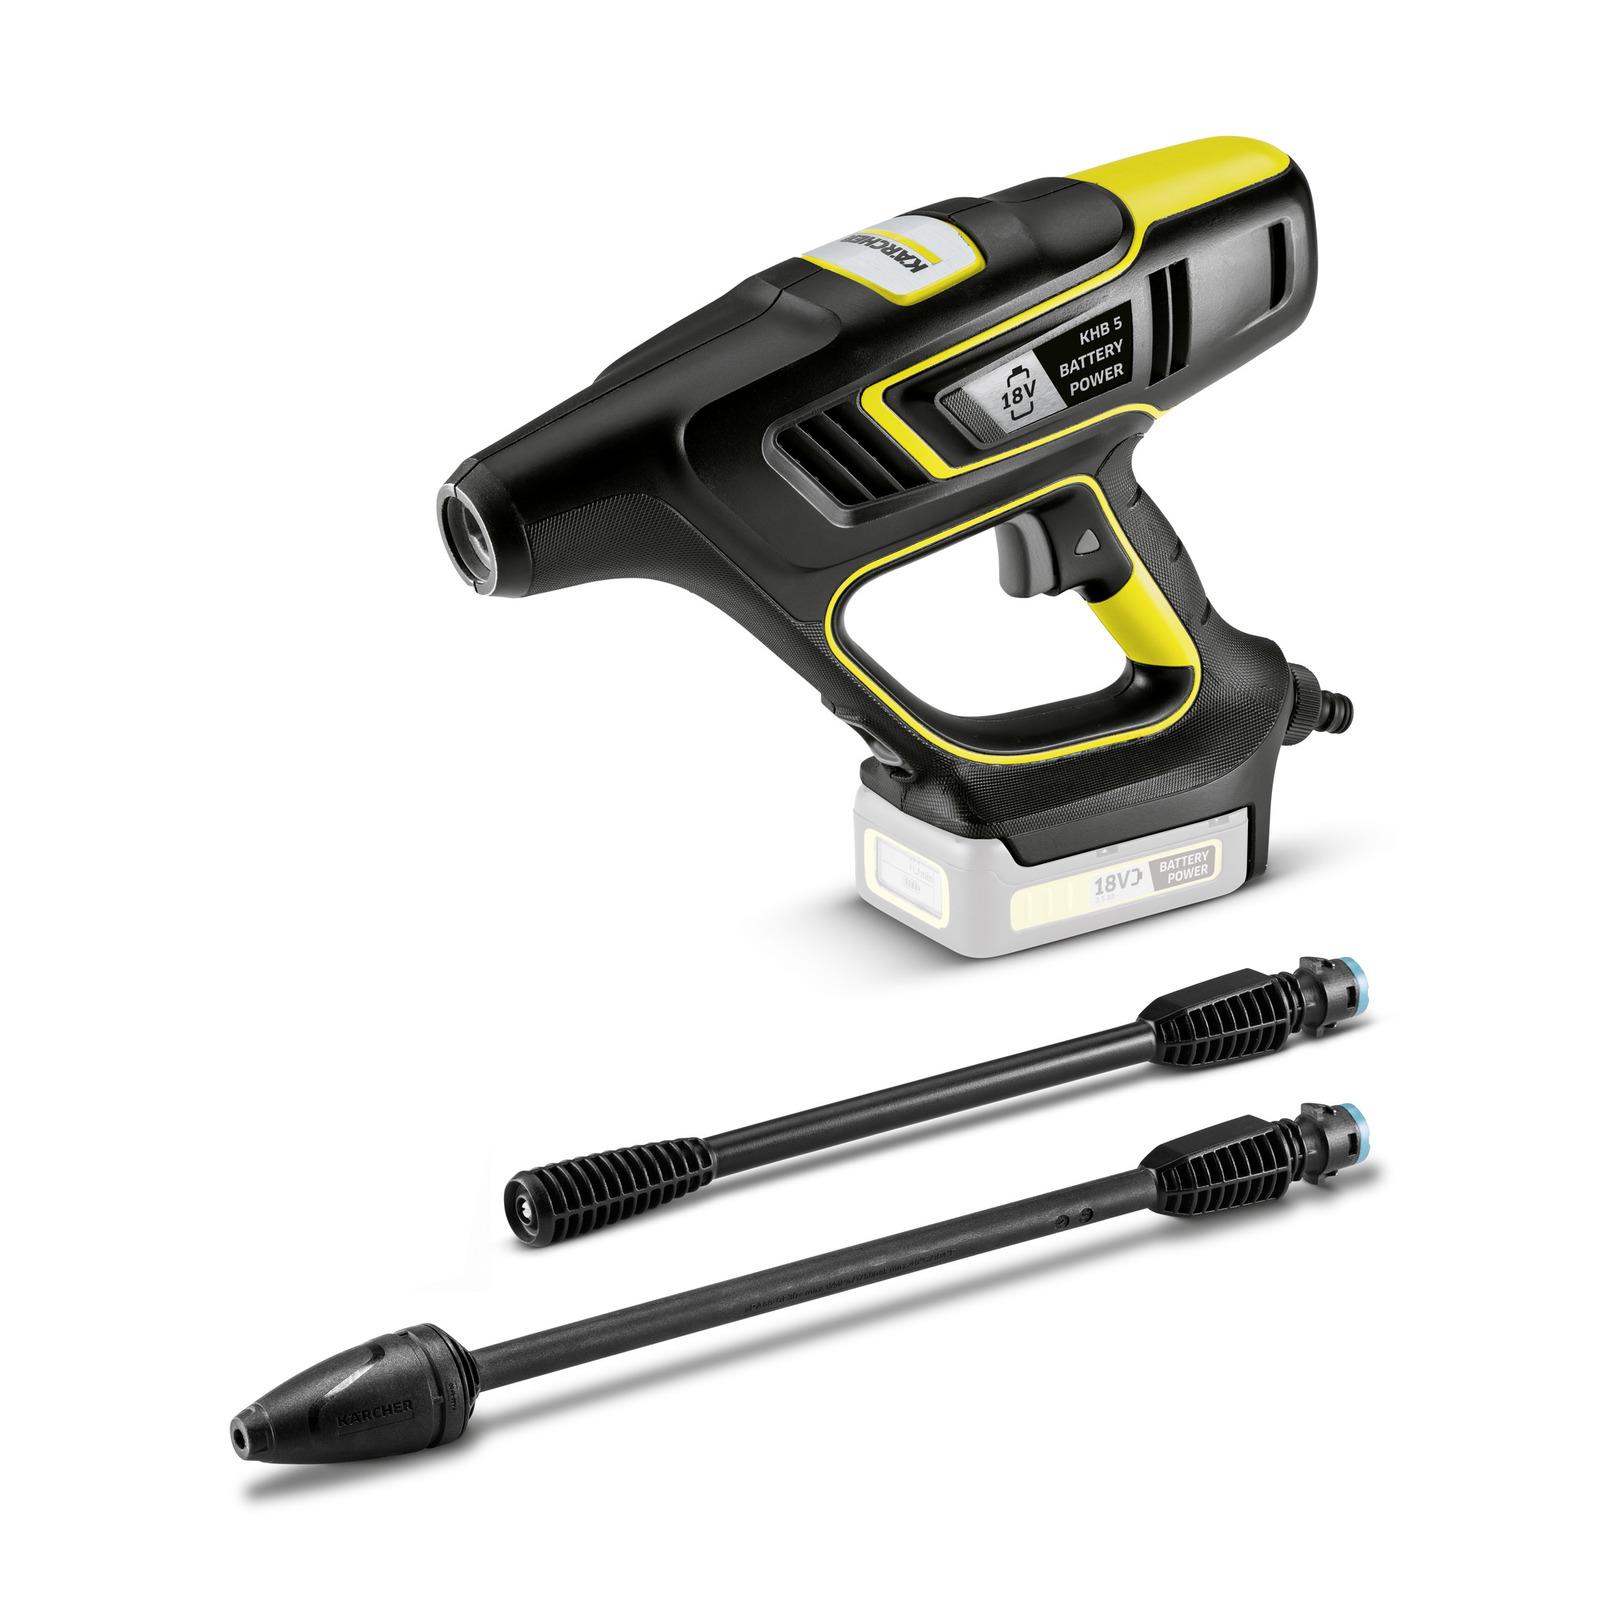 KARCHER 1.328-000.0 - KHB5 Battery Handheld Pressure Washer Cleaner